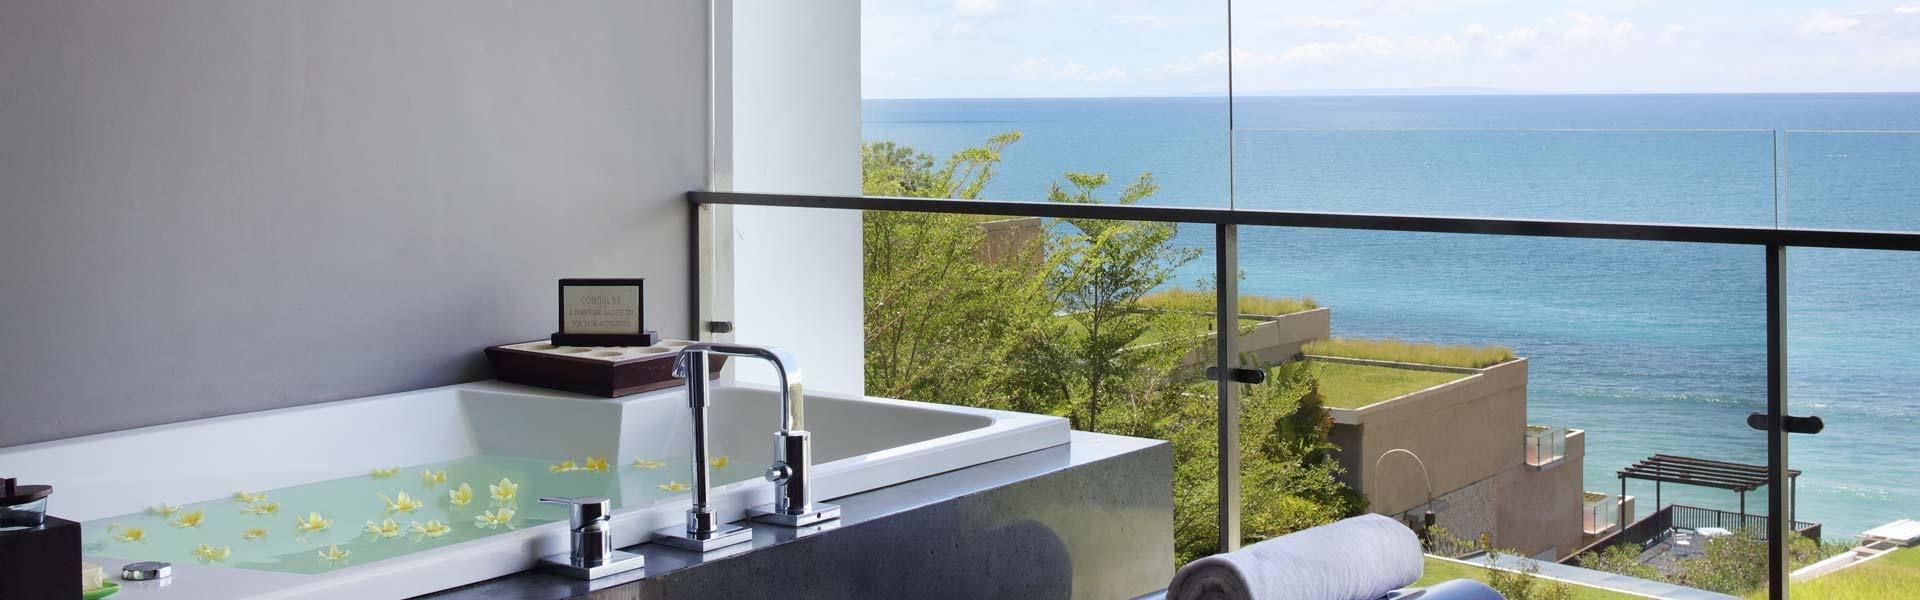 Uluwatu Bali Hotels Ocean View Suites At Anantara Uluwatu Bali